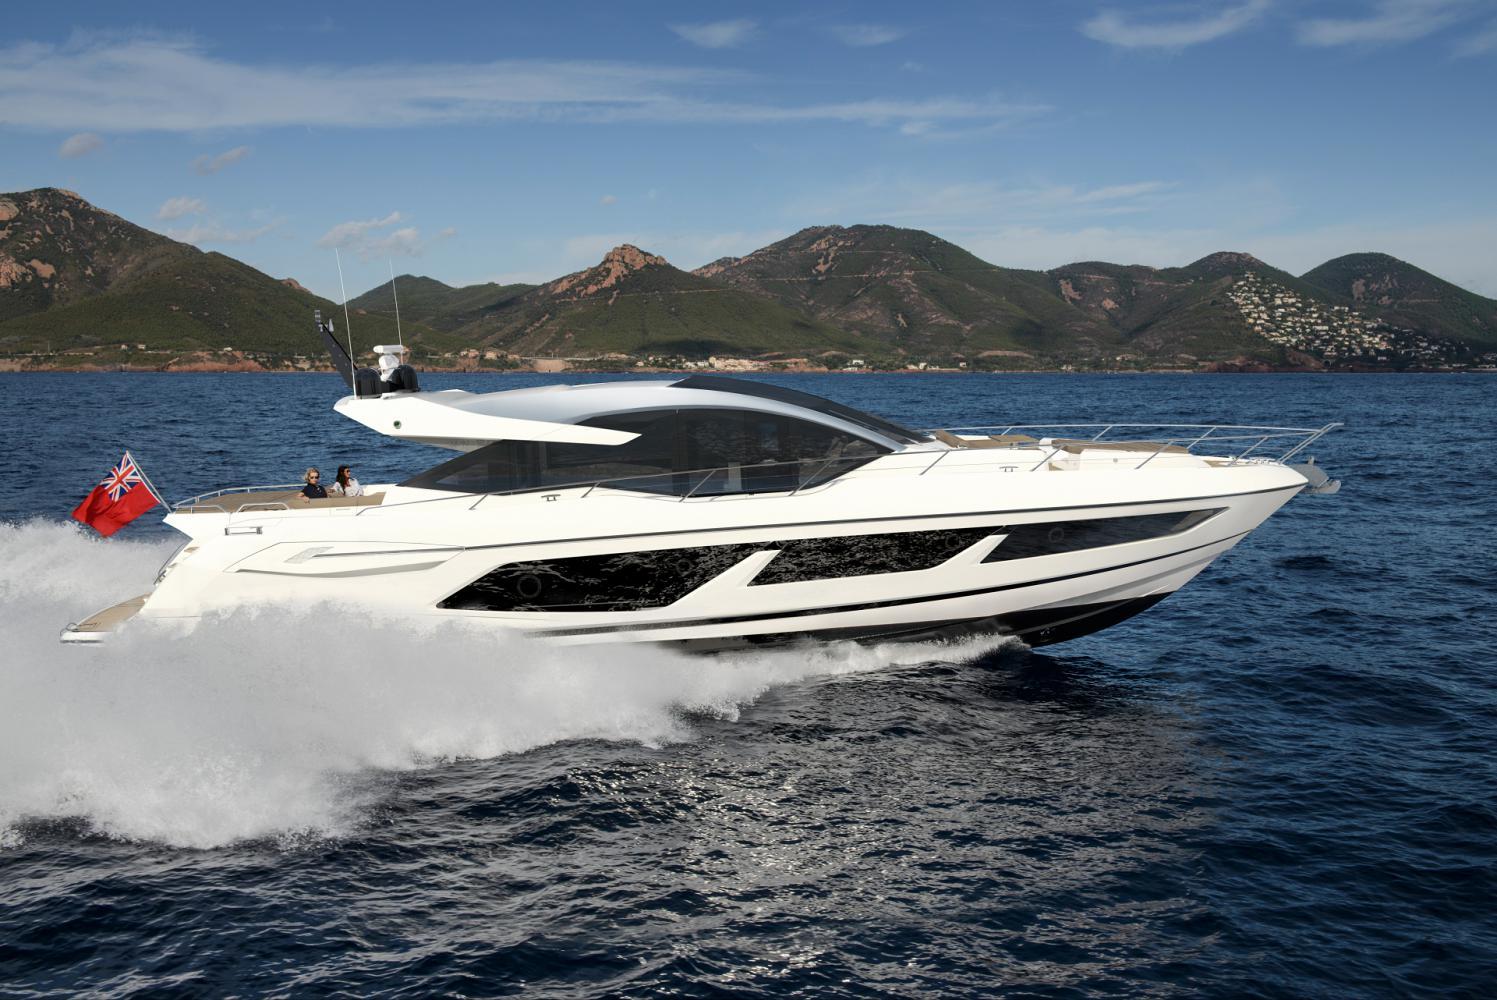 Sunseeker Predator 74 Strategic Dreams Luxury Yacht Charter